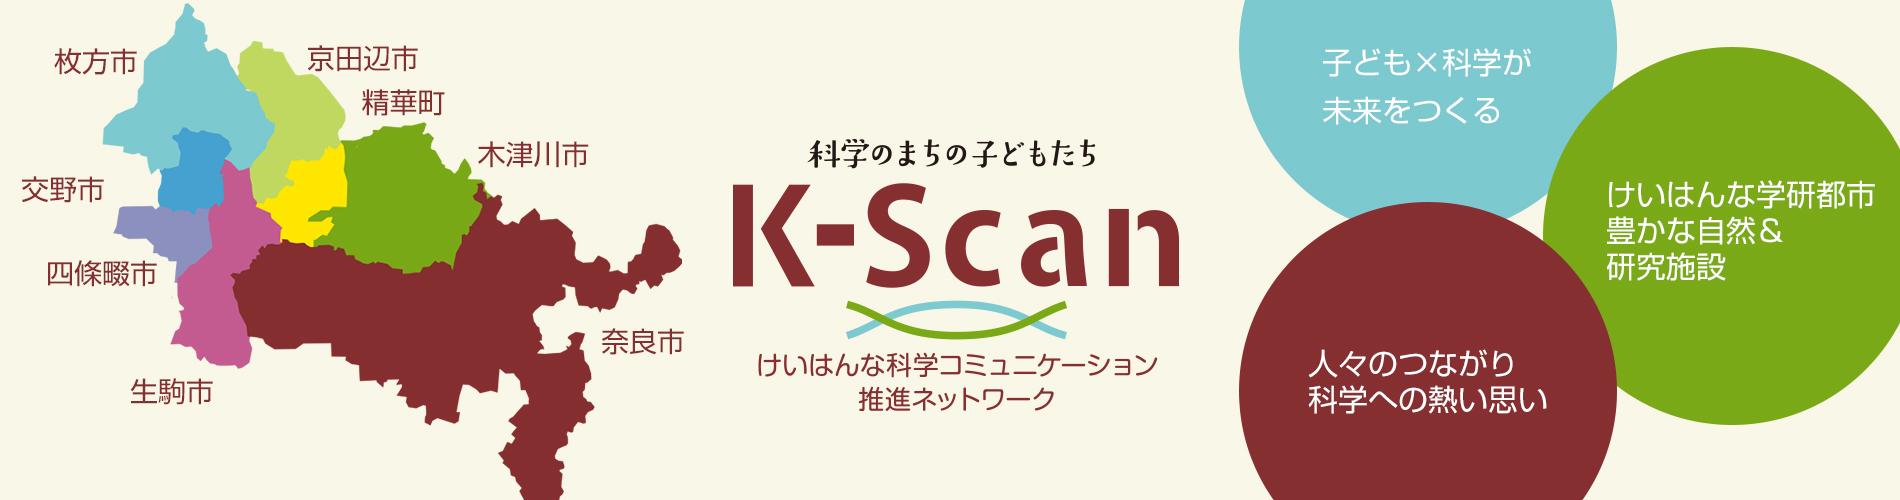 科学のまちの子どもたち、K-Scan、けいはんな科学コミュニケーション推進ネットワーク